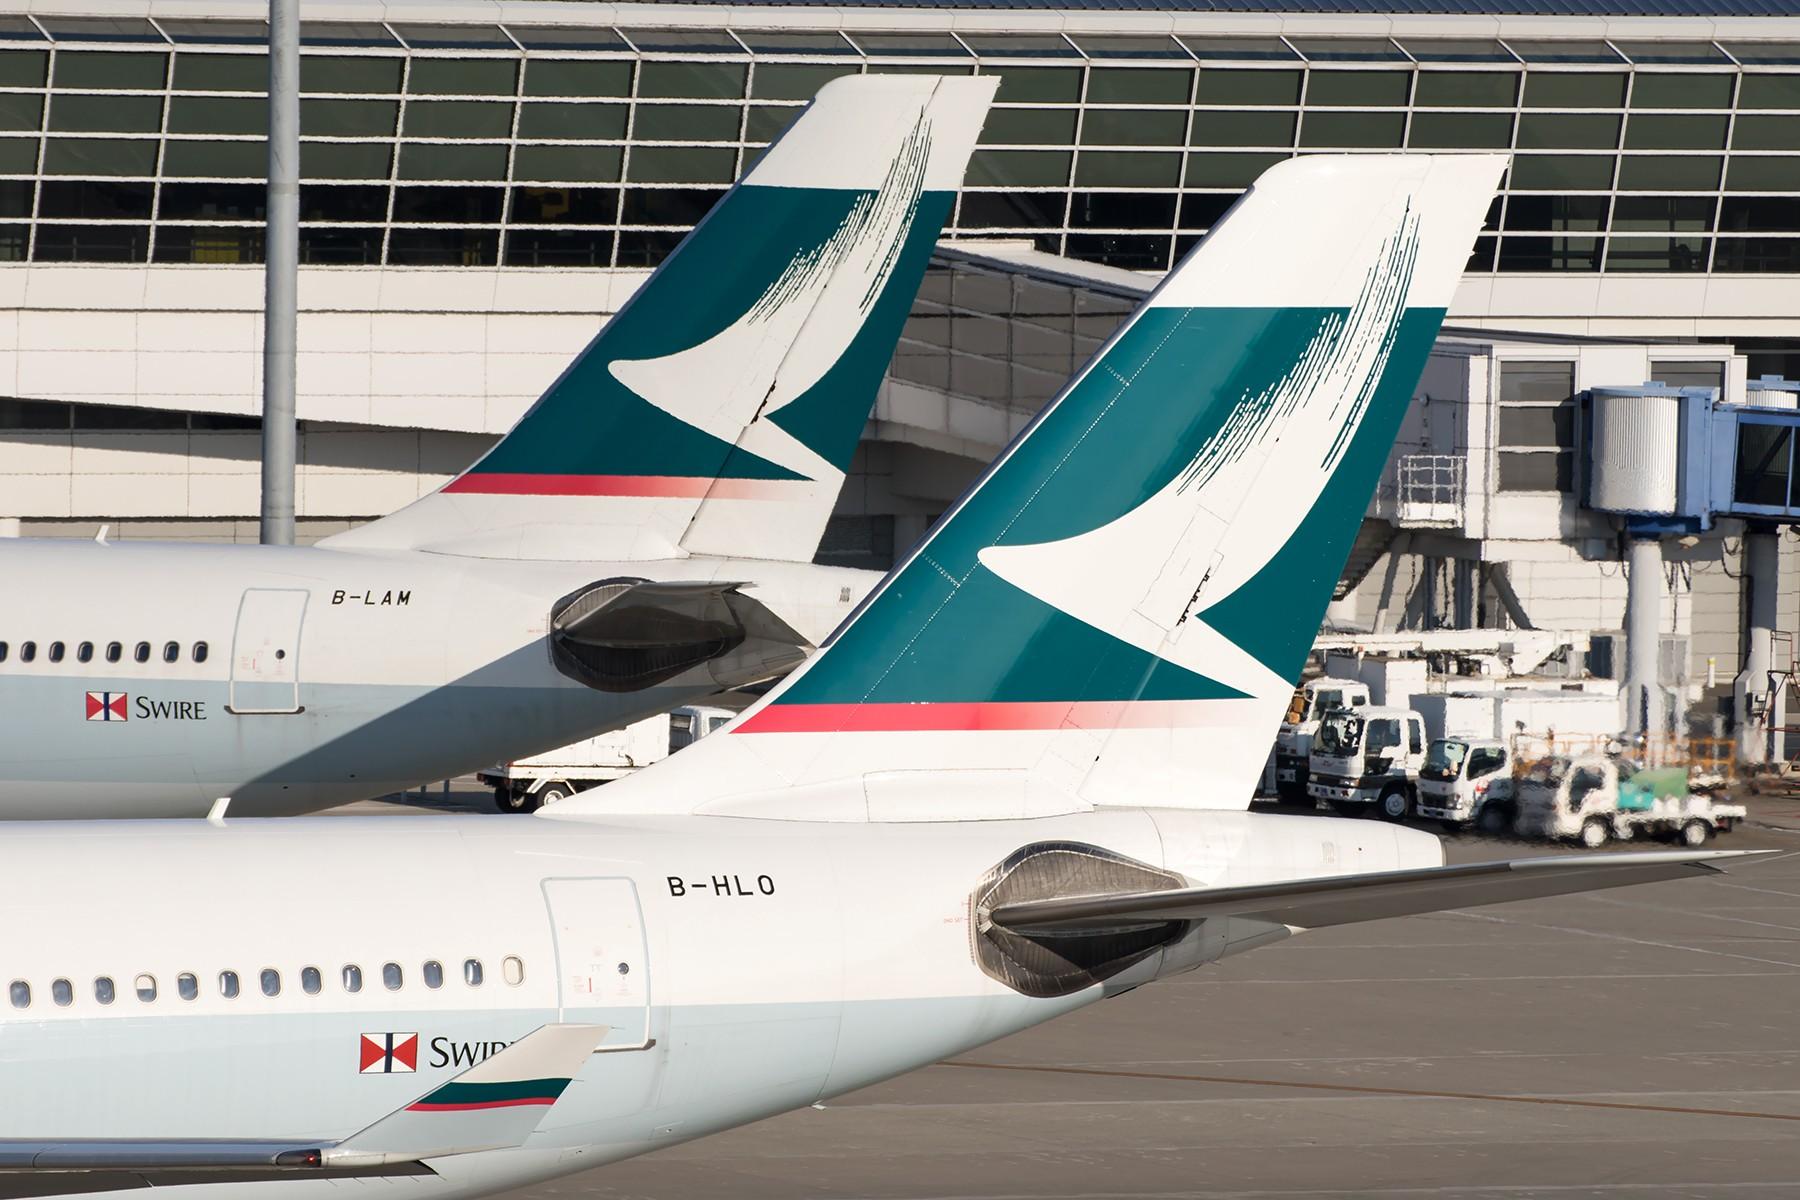 Re:[原创]【1920/1800】魅力名古屋,魅力新特里亚。——名古屋拍机组图(1) AIRBUS A330-300 B-HLO 日本名古屋中部/新特丽亚机场